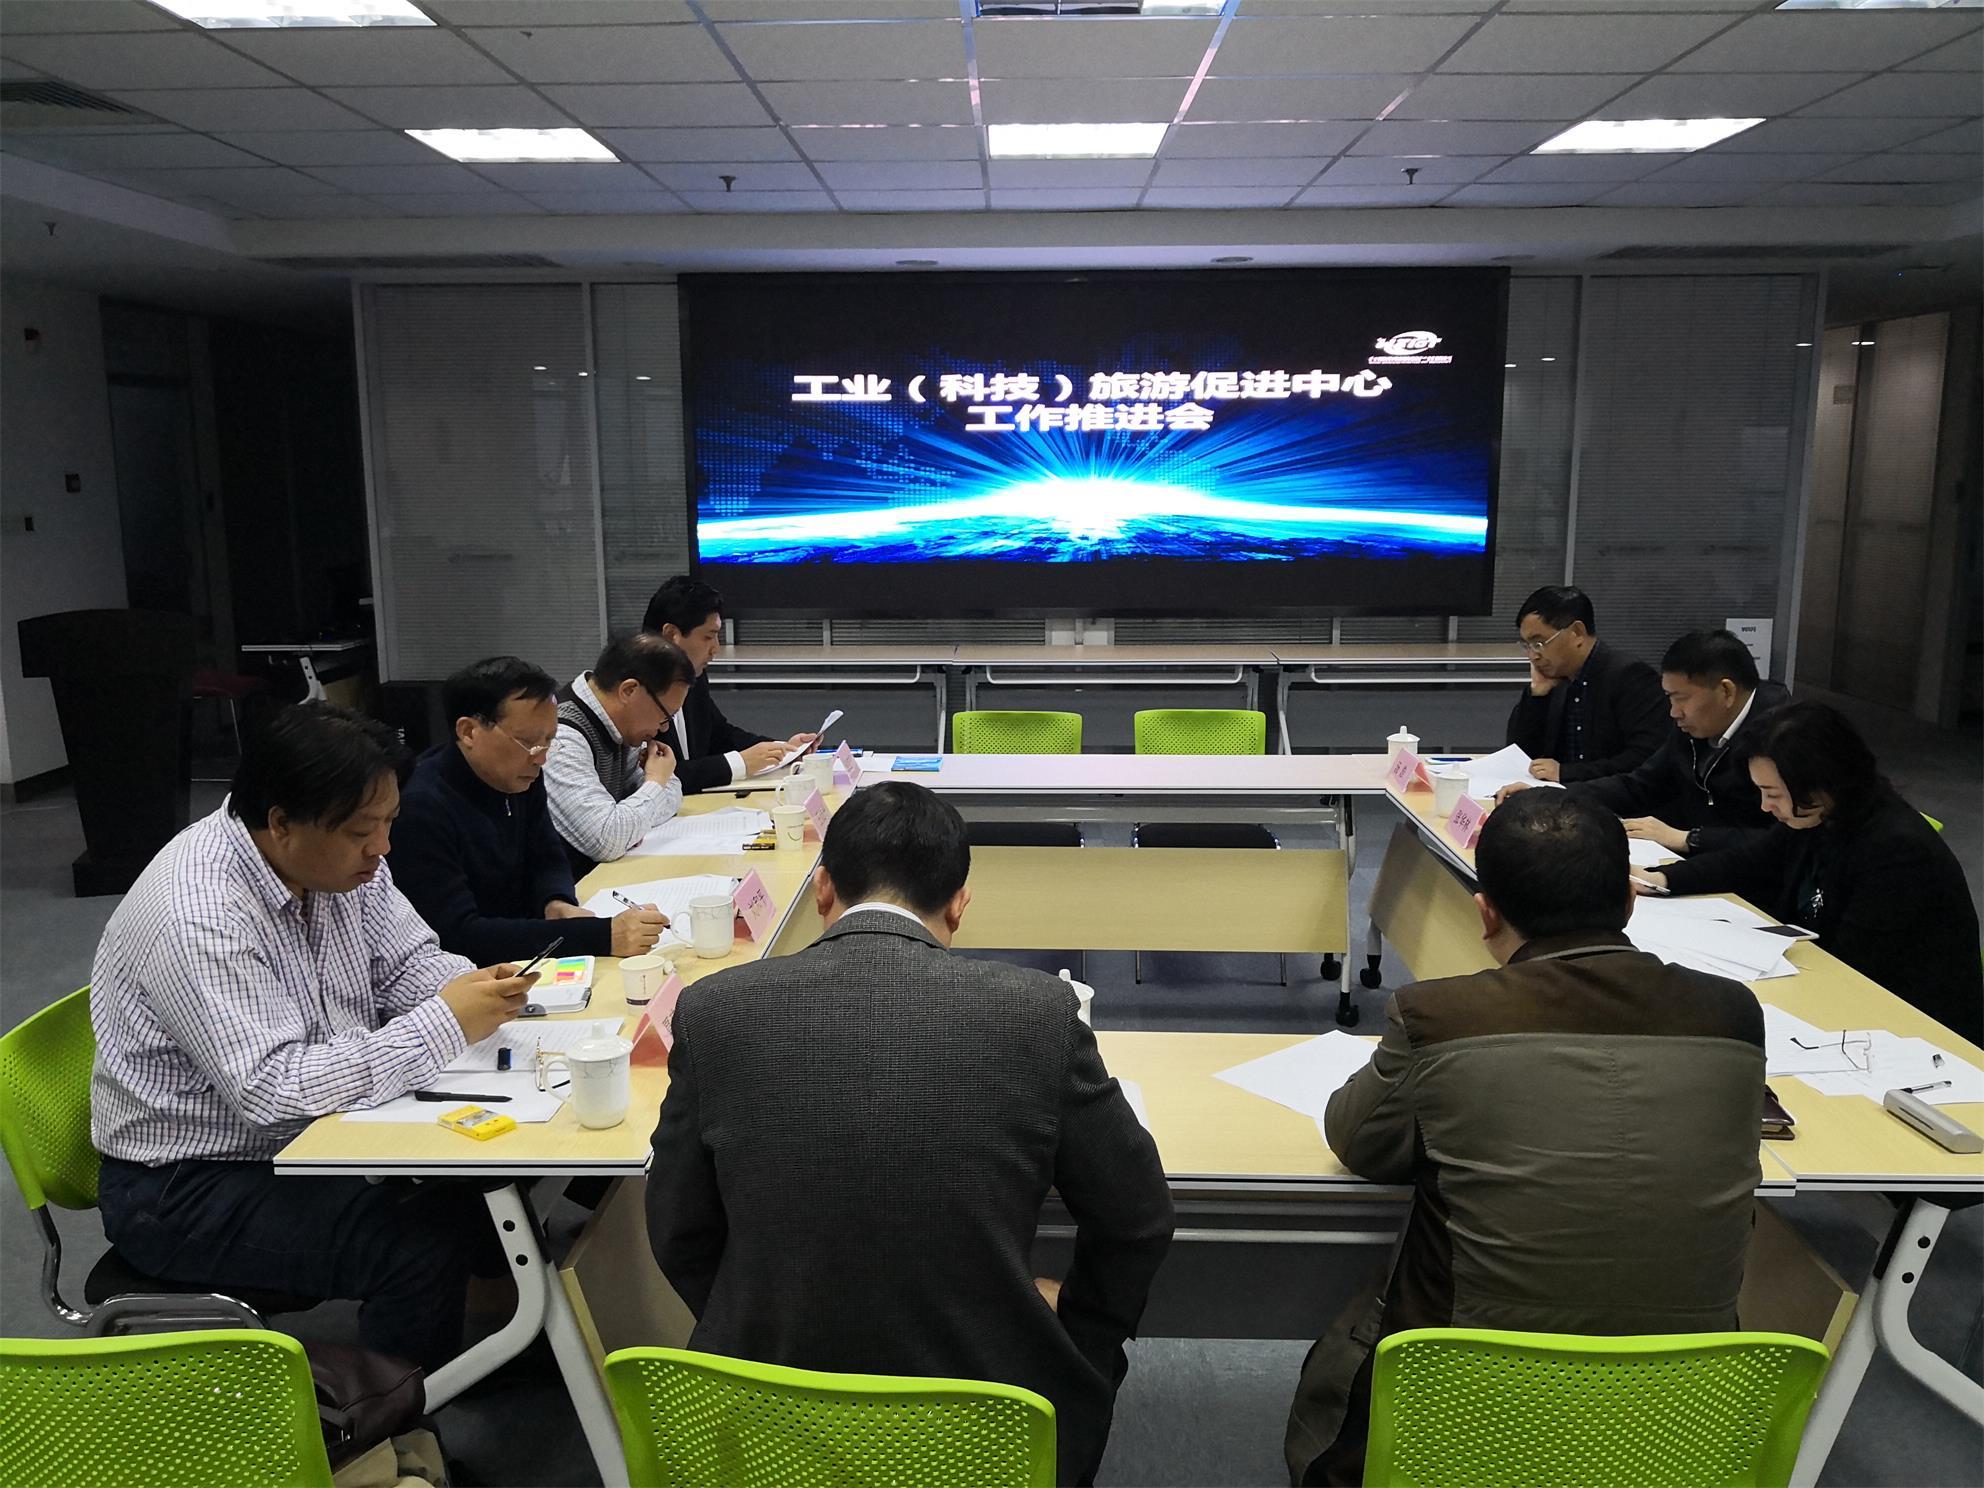 无锡工业(科技)旅游项目正式启动